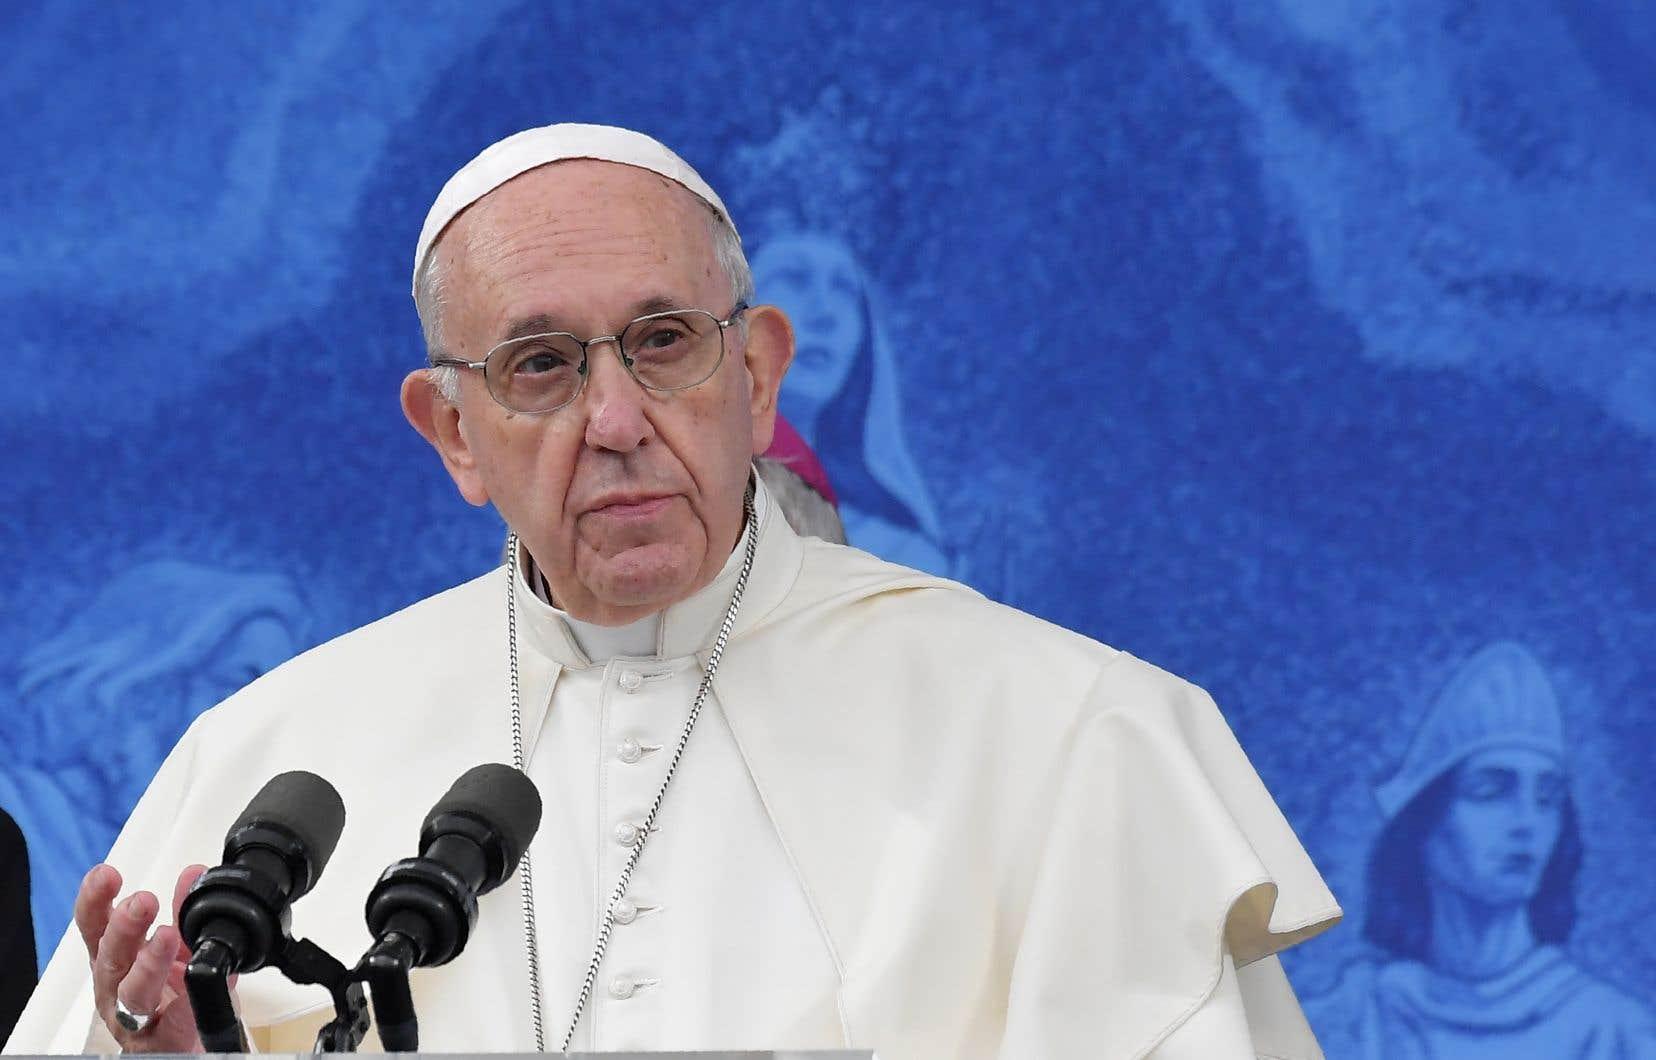 «J'implore le pardon du Seigneur pour ces péchés, pour le scandale et la trahison ressentis par tant de personnes», a déclaré le pape à l'occasion d'une visite du sanctuaire de Knock, site de piété mariale distant de 180km de Dublin.